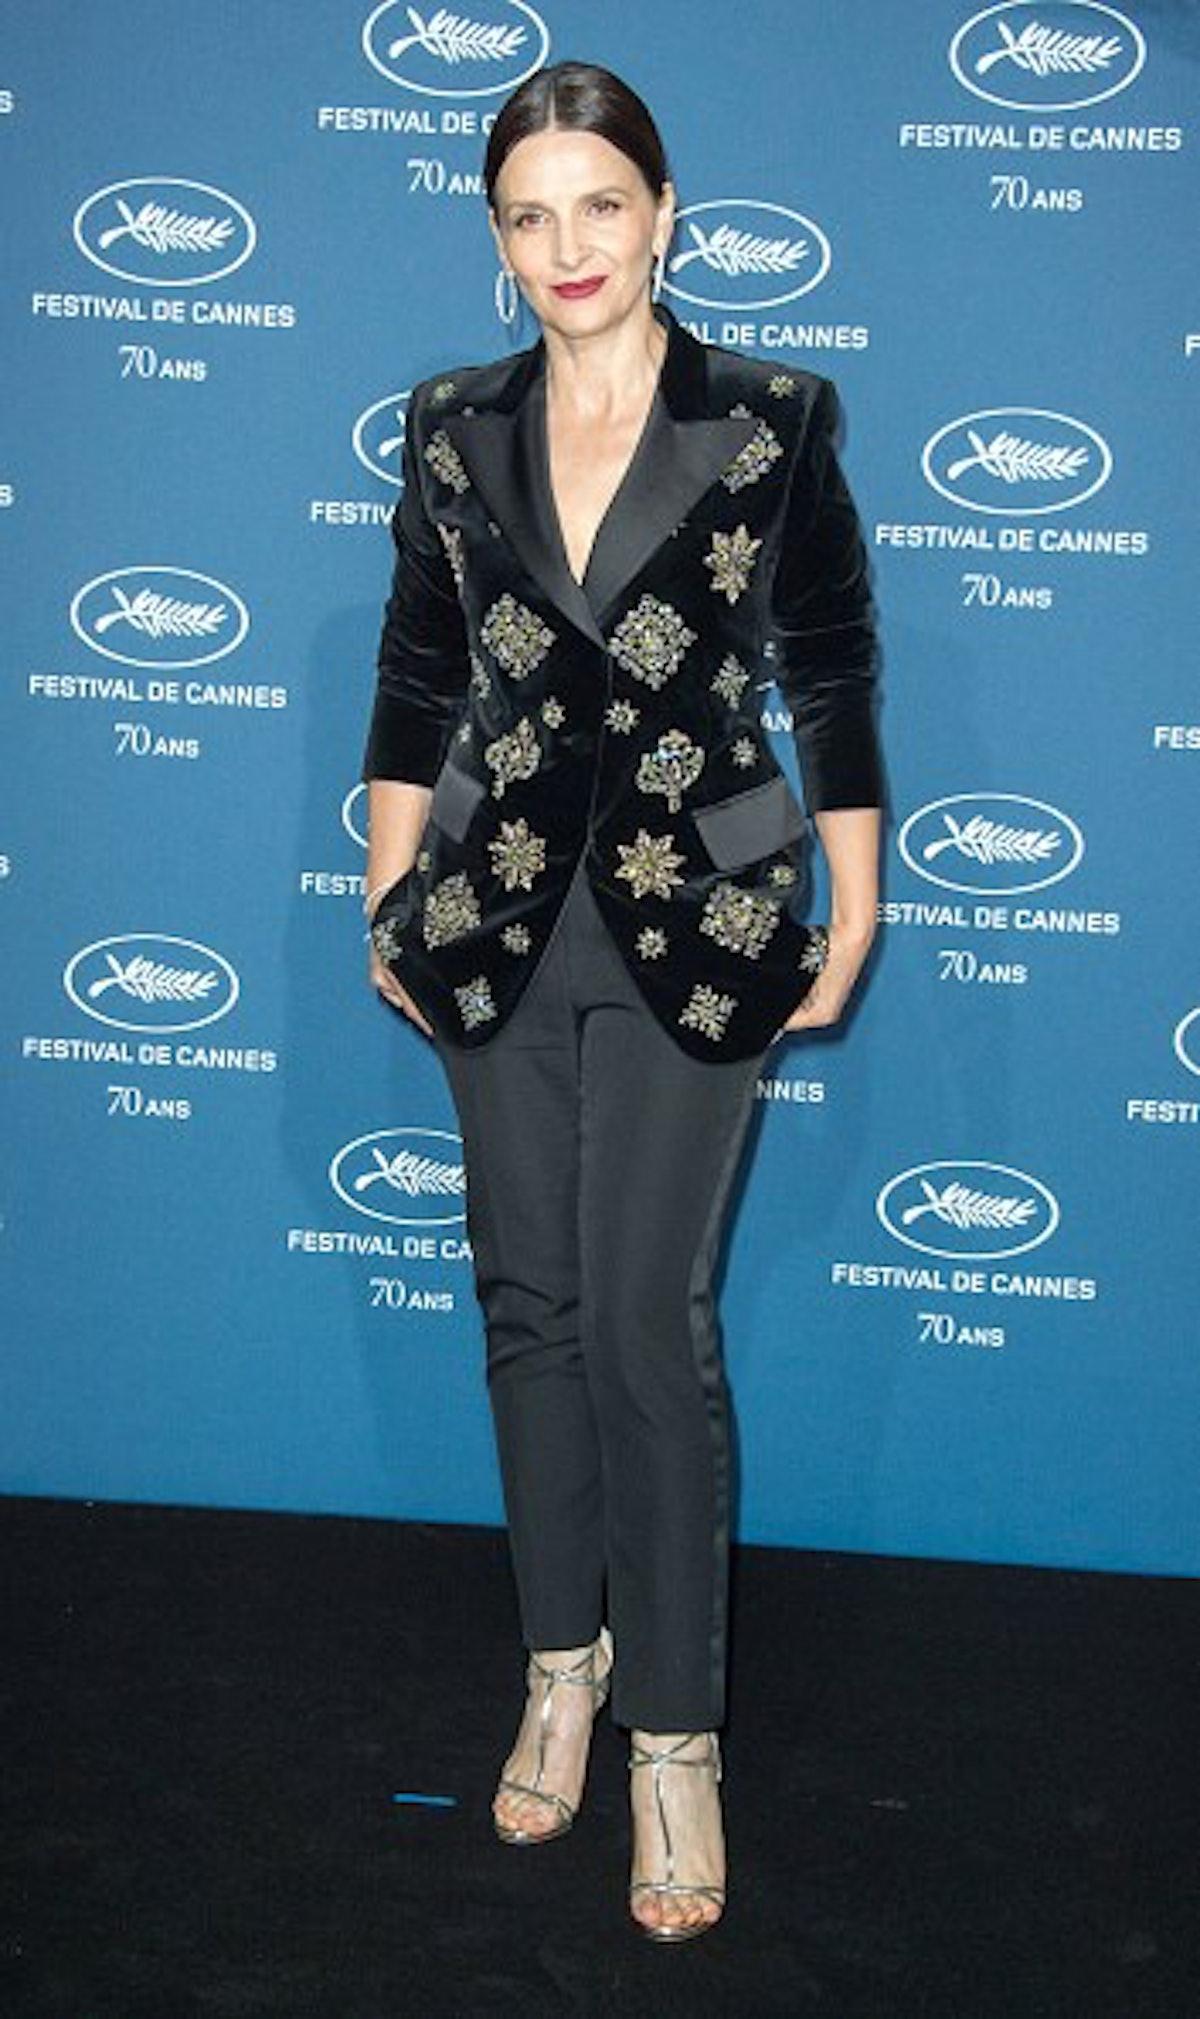 Cannes Film Festival : 70th Anniversary Party At Palais des Beaux Arts In Paris